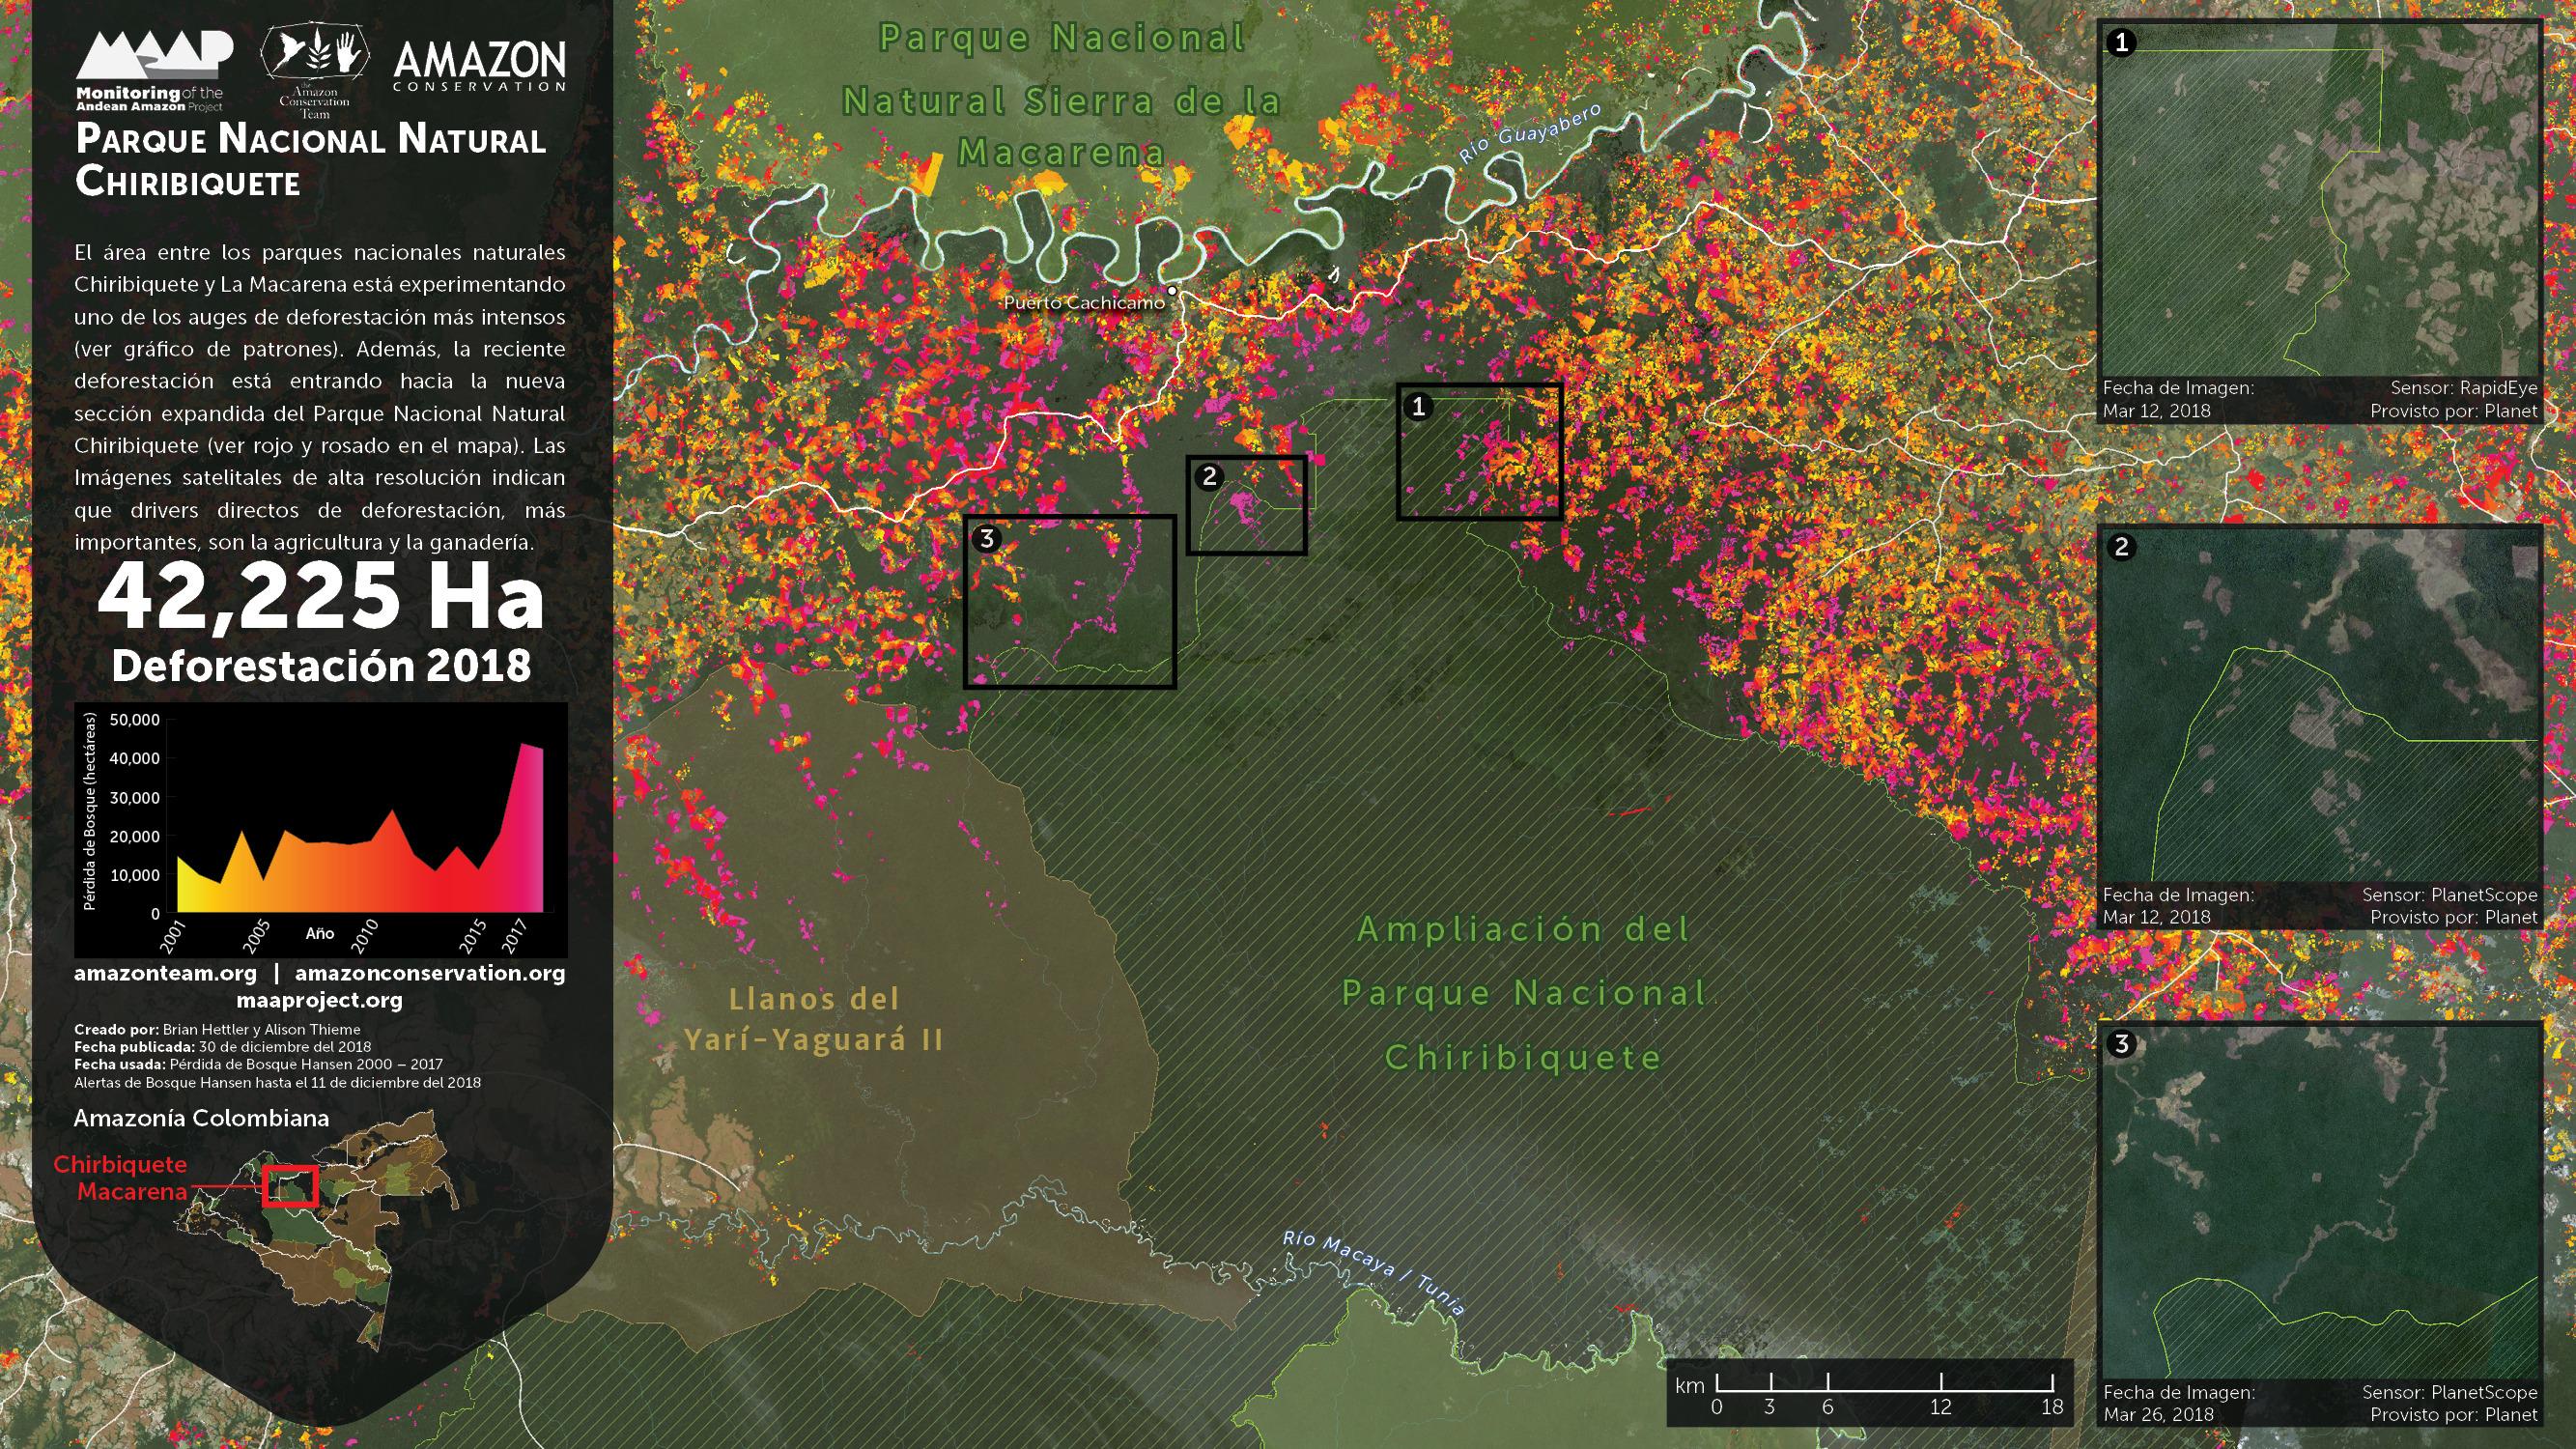 Foco 2 de deforestación: Chiribiquete – La Macarena. Imagen: Planet, UMD/GLAD, Hansen/UMD/Google/USGS/NASA, PNN, SIAC, RAISG.